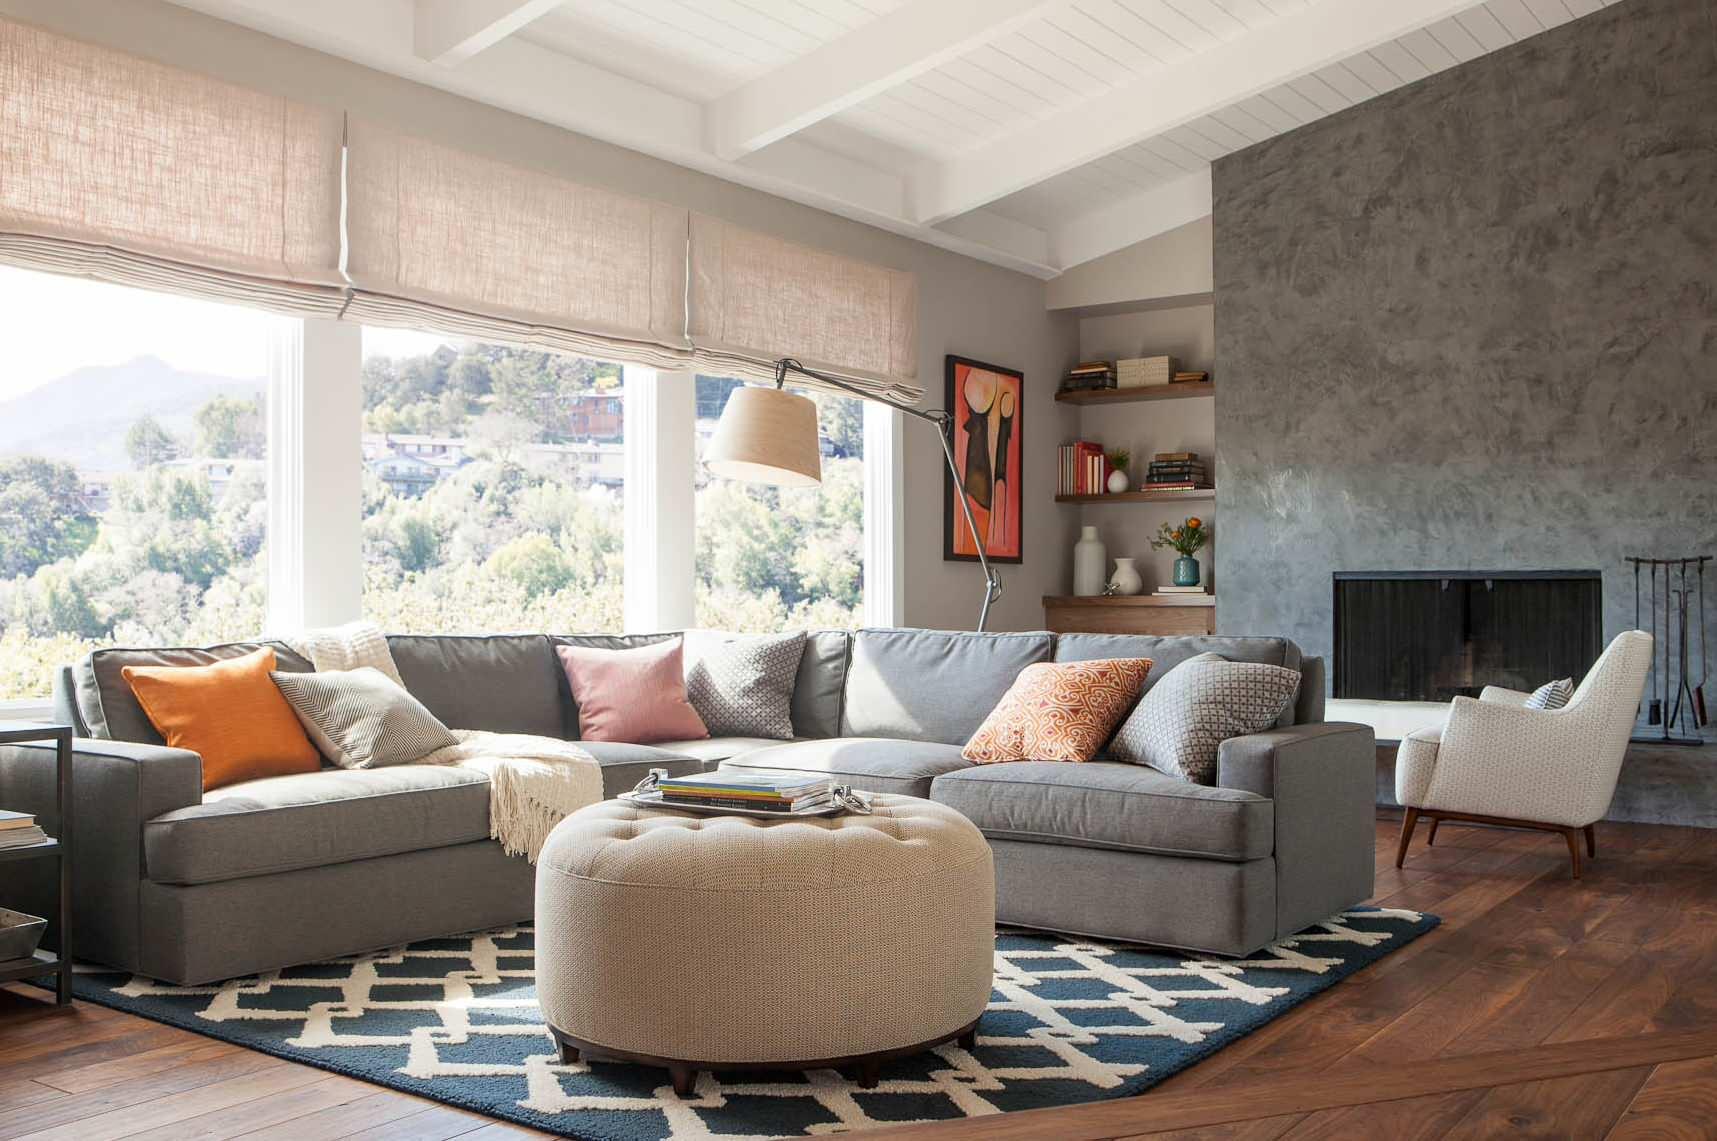 Salon spacieux décoré dans des tons gris